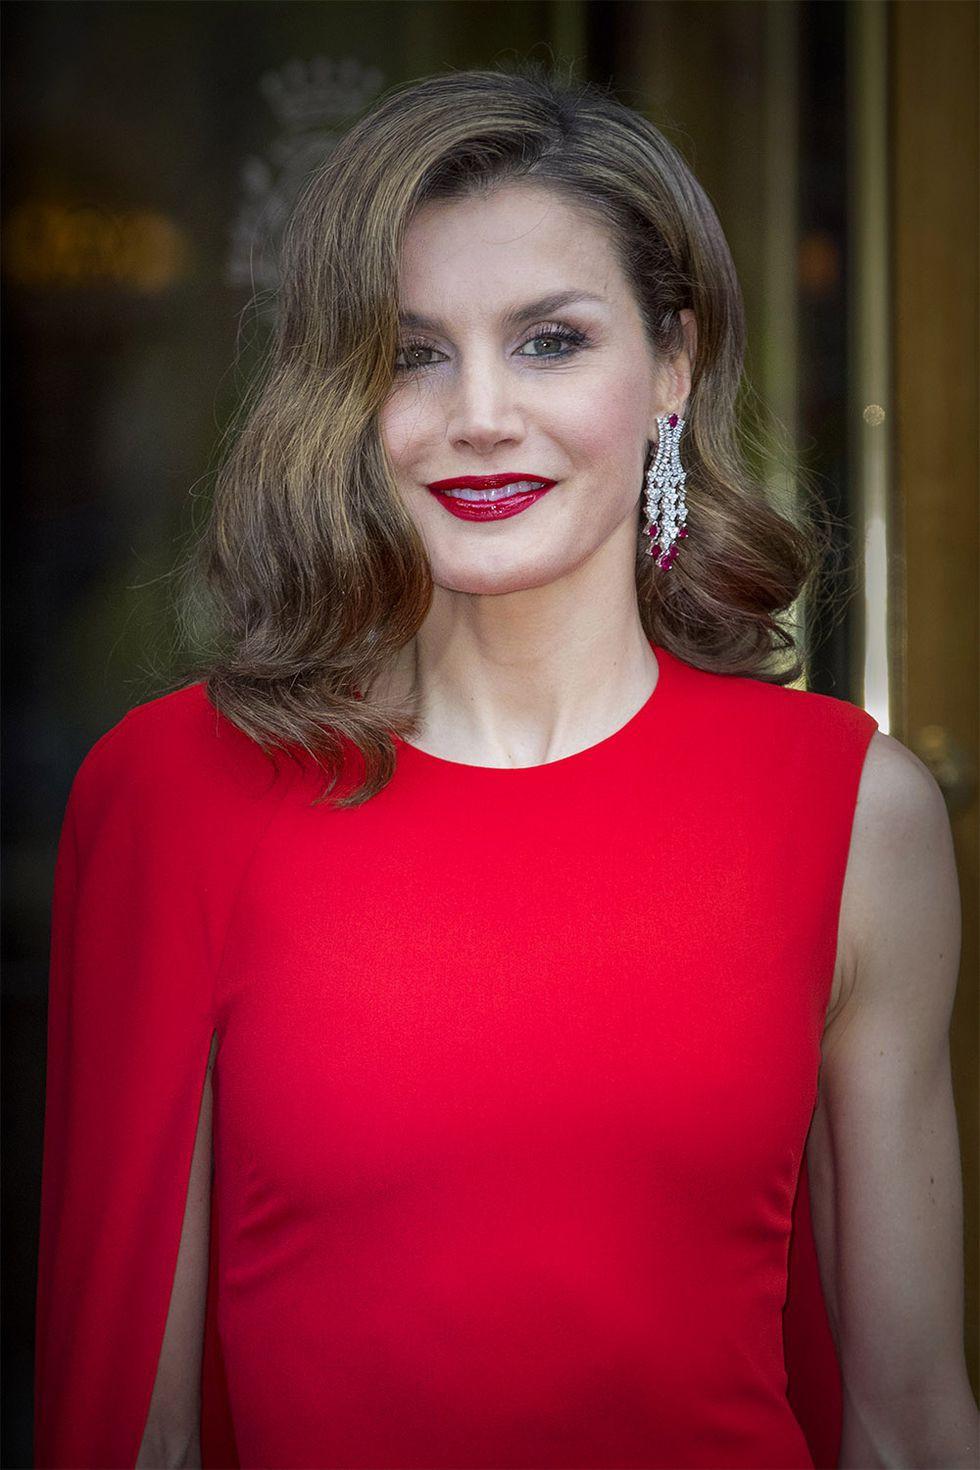 15 kiểu tóc ấn tượng của các người đẹp Hoàng gia: kiểu nào cũng hoàn hảo tựa như một tuyệt phẩm  - Ảnh 13.